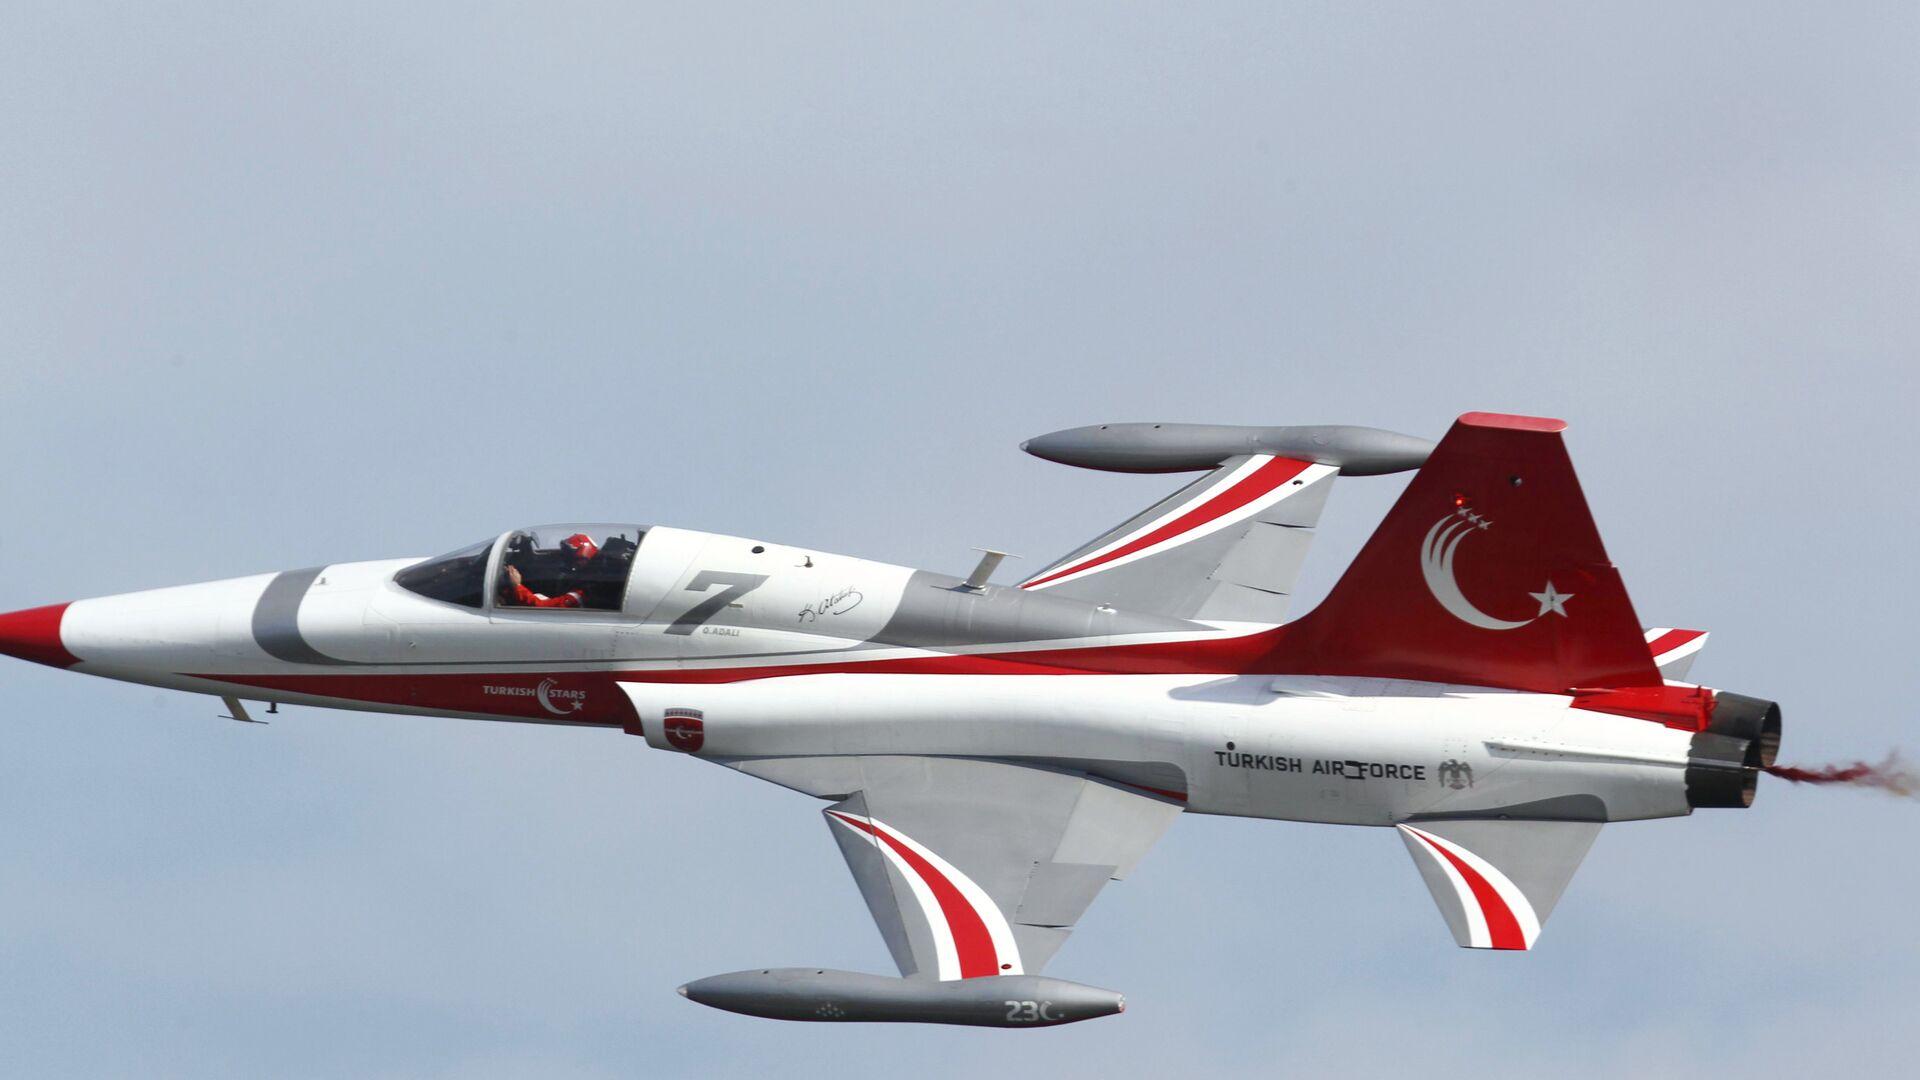 Turski avion Nortrop F-5 manevriše tokom proslave 100. godišnjice bitke na Dardanelima, Turska, april 2015. - Sputnik Srbija, 1920, 07.04.2021